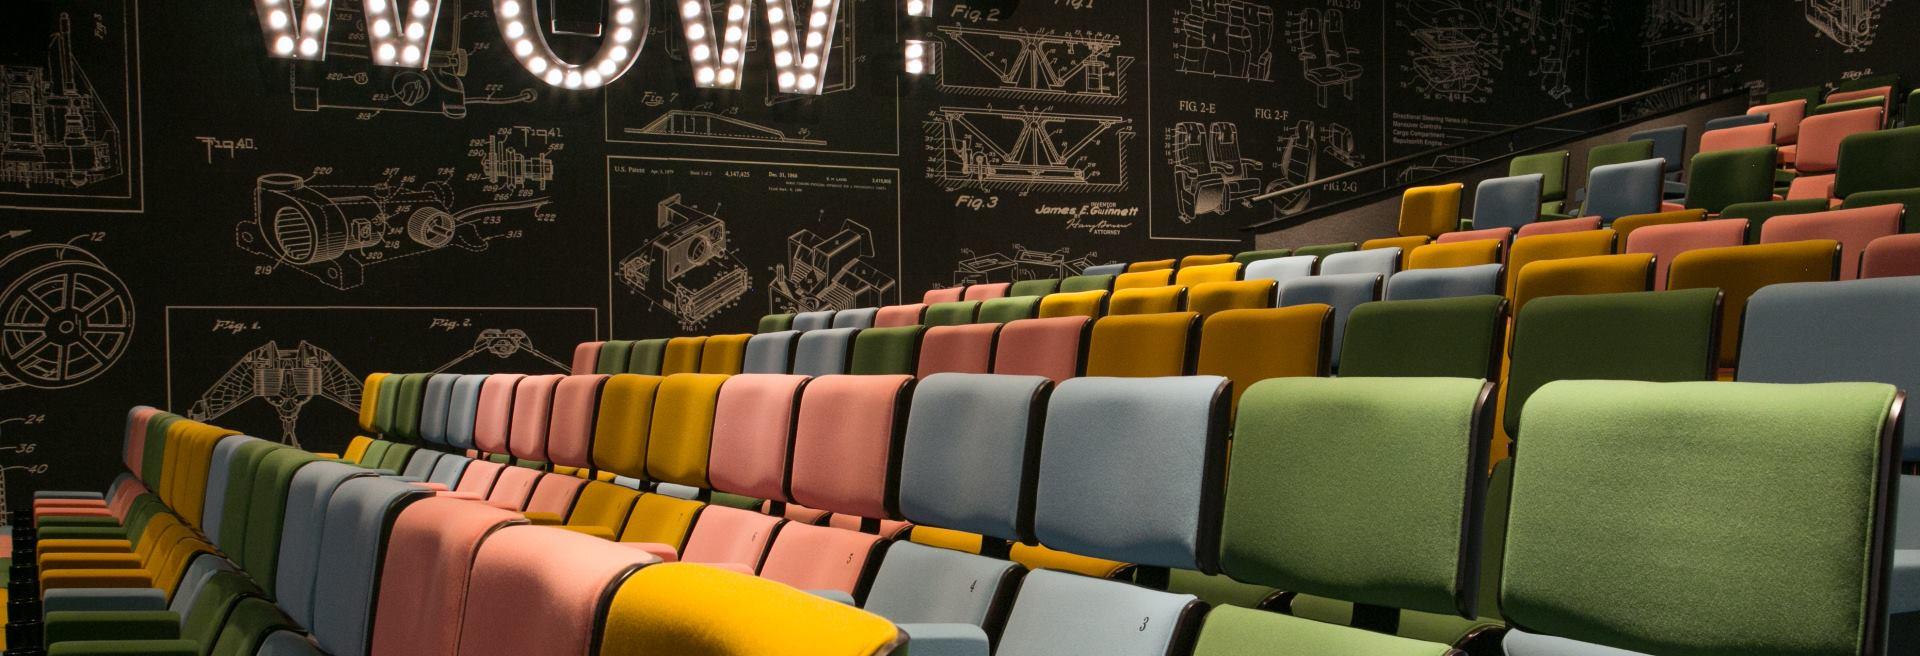 FOTO: Svečano otvorenje i dizajn najnovijeg Kaptol Boutique Cinema